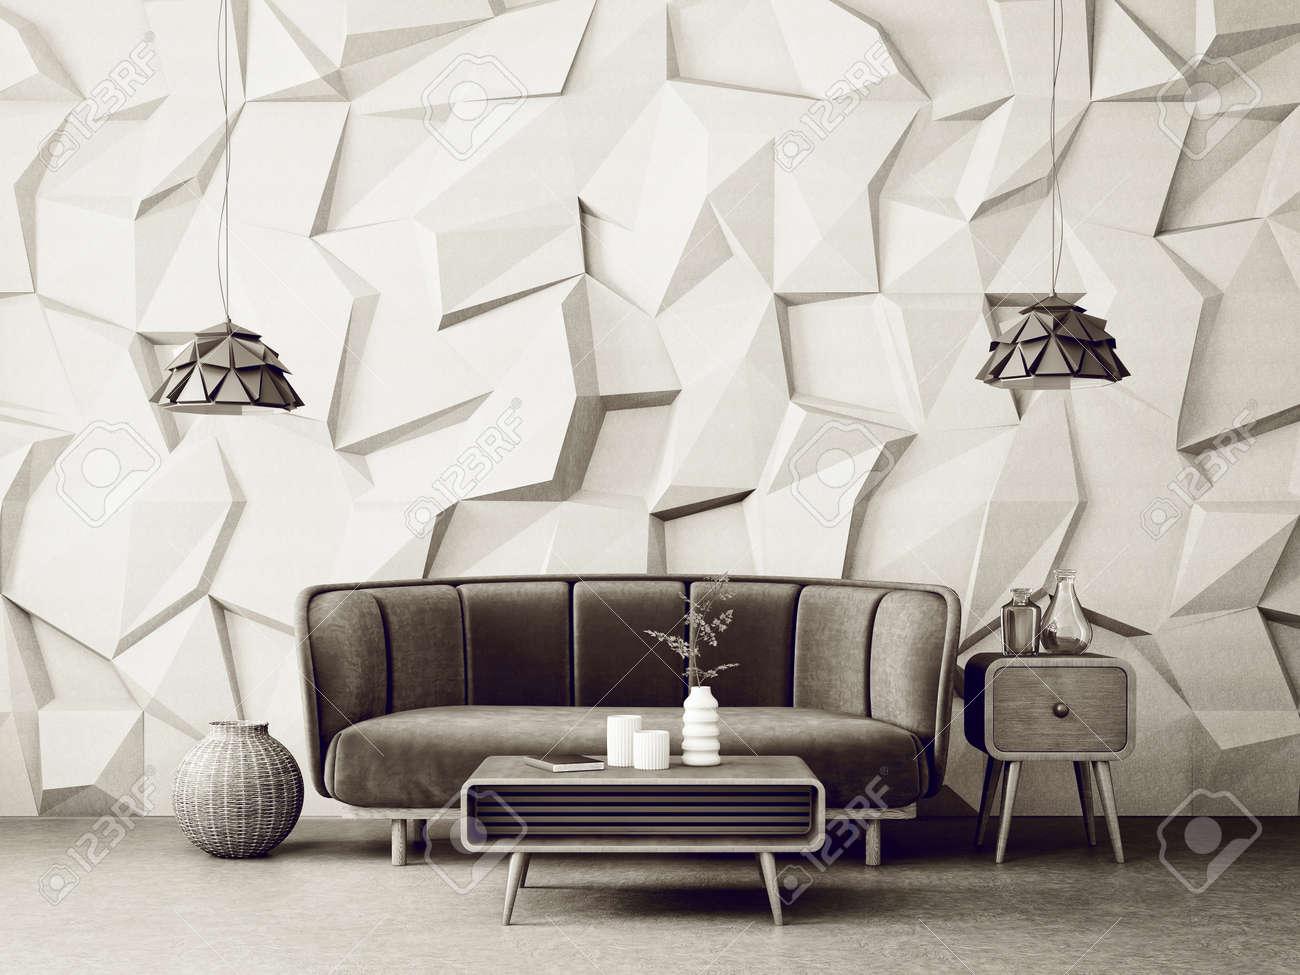 Salon Moderne Avec Canapé Et Lampe. Meubles Scandinaves De Design D ...